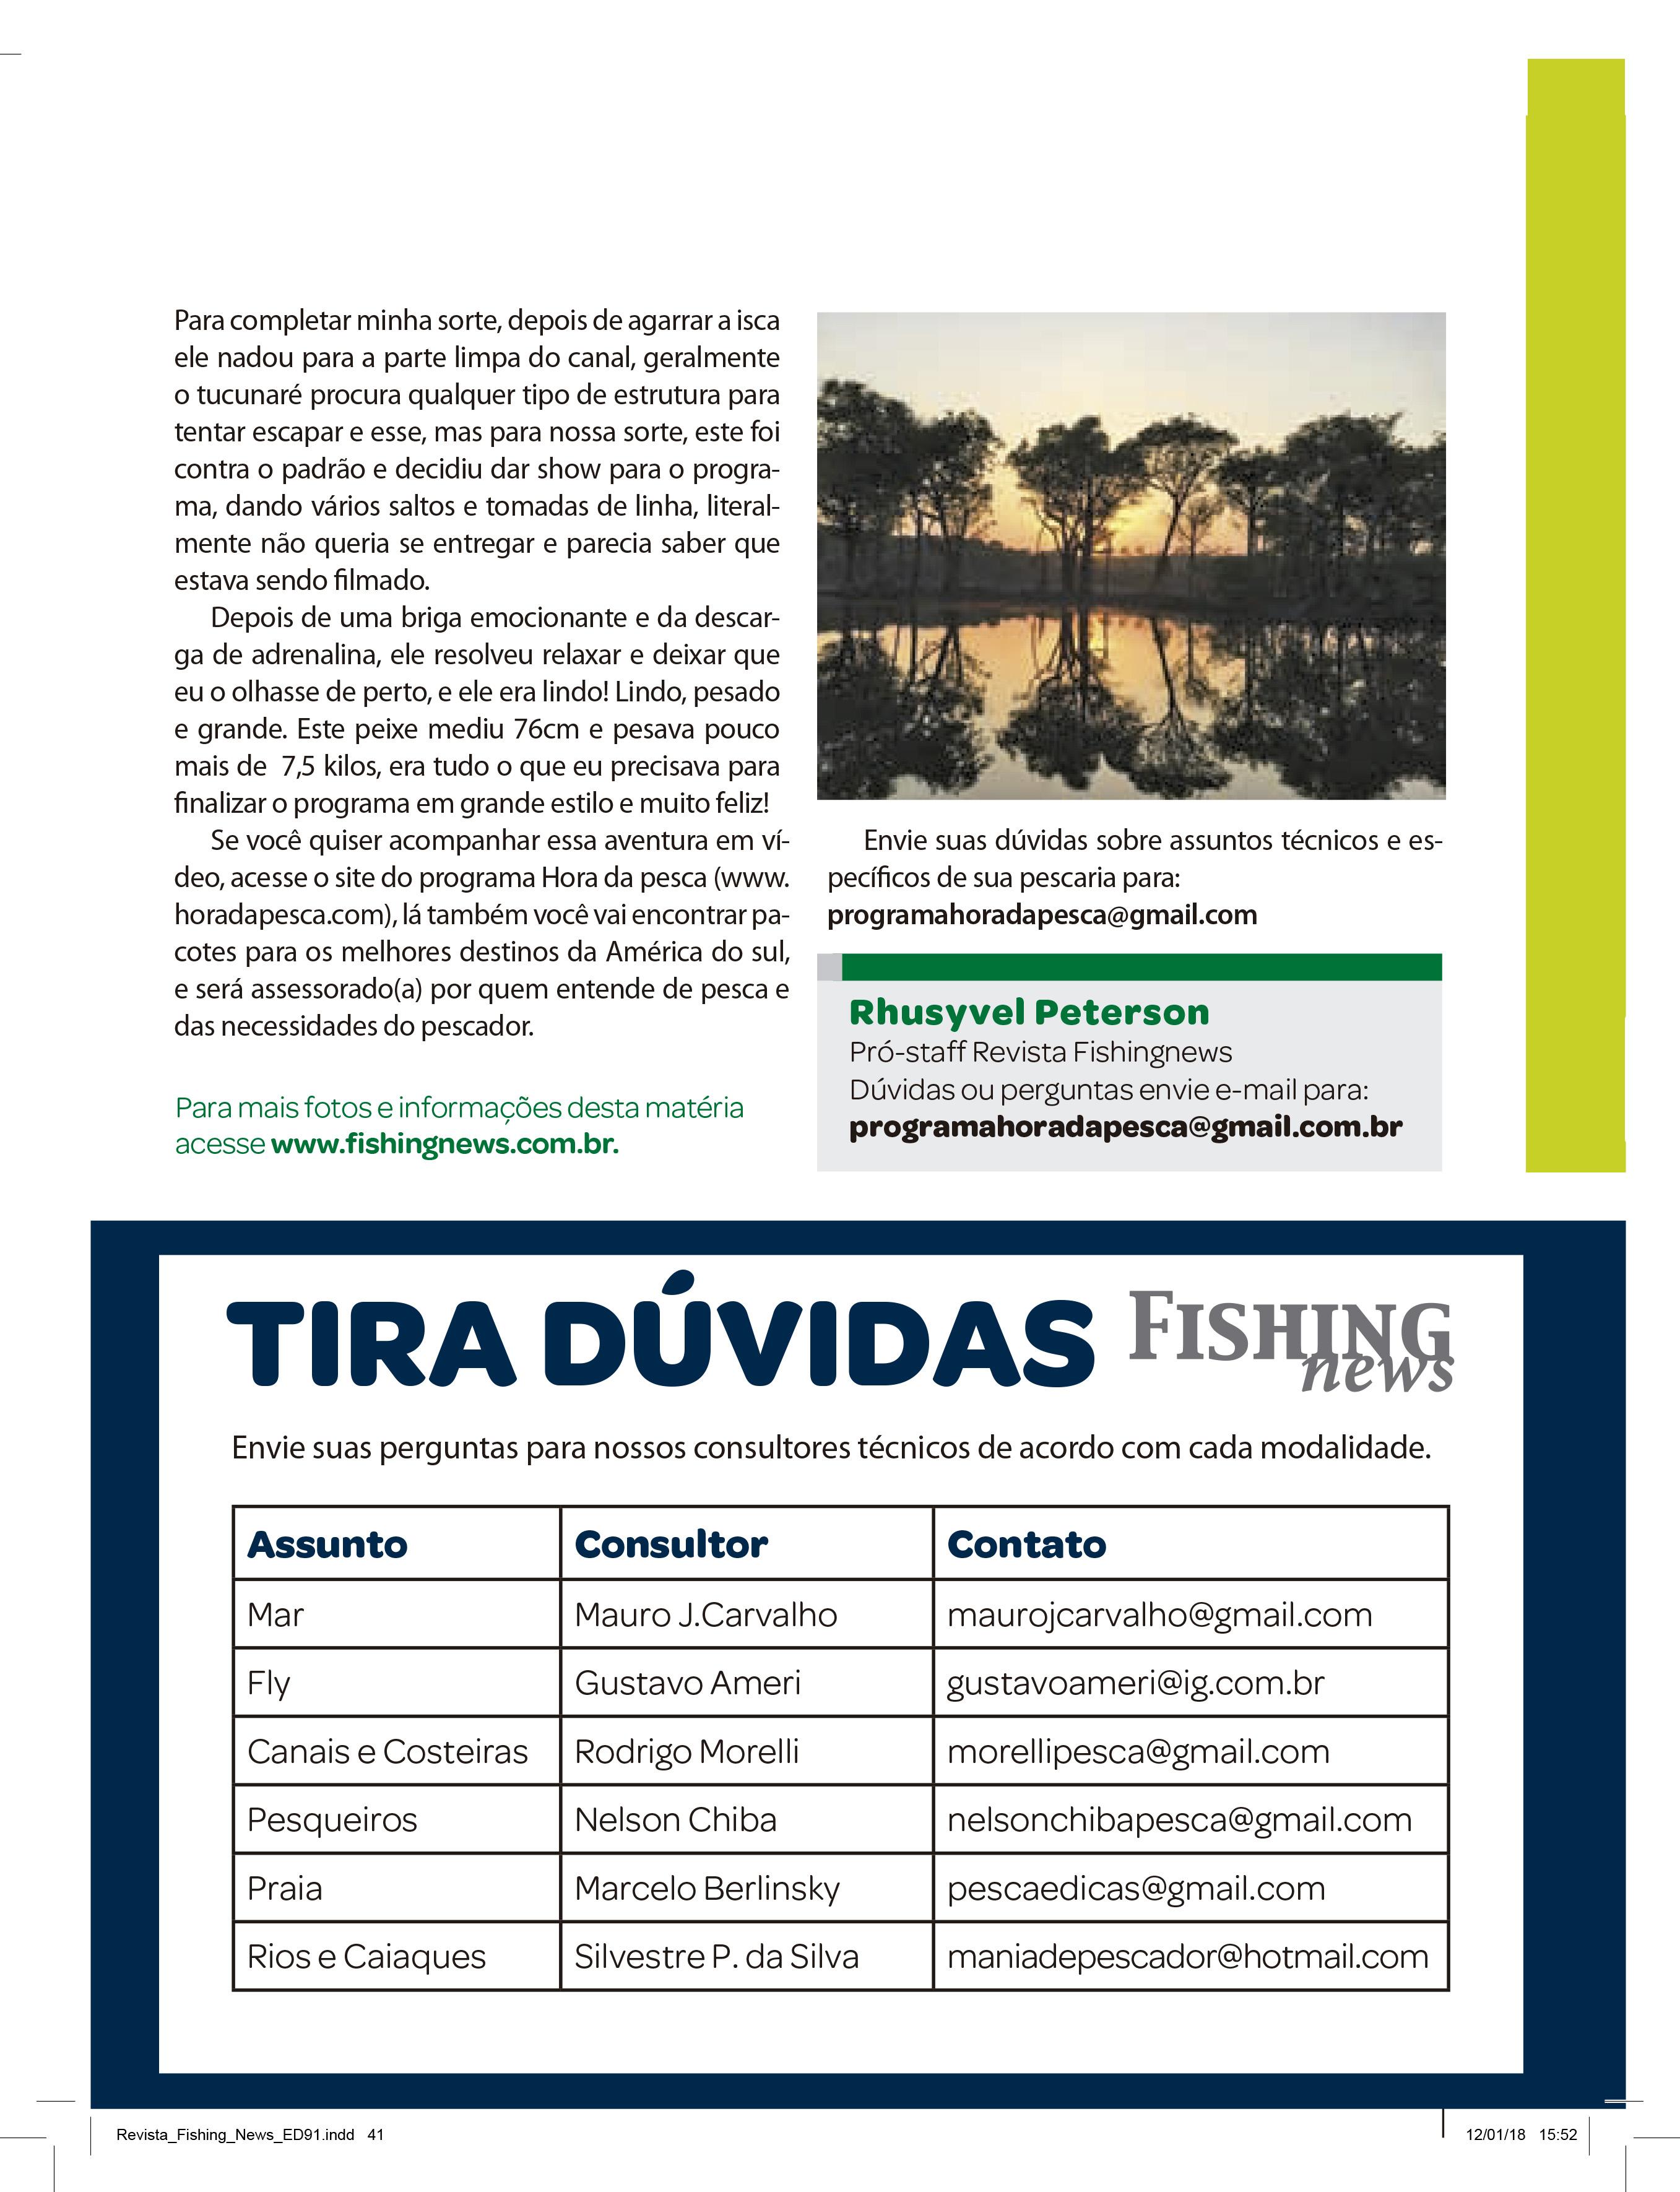 Revista Fishing News_ed 91_OP 47300_pdf prova-41